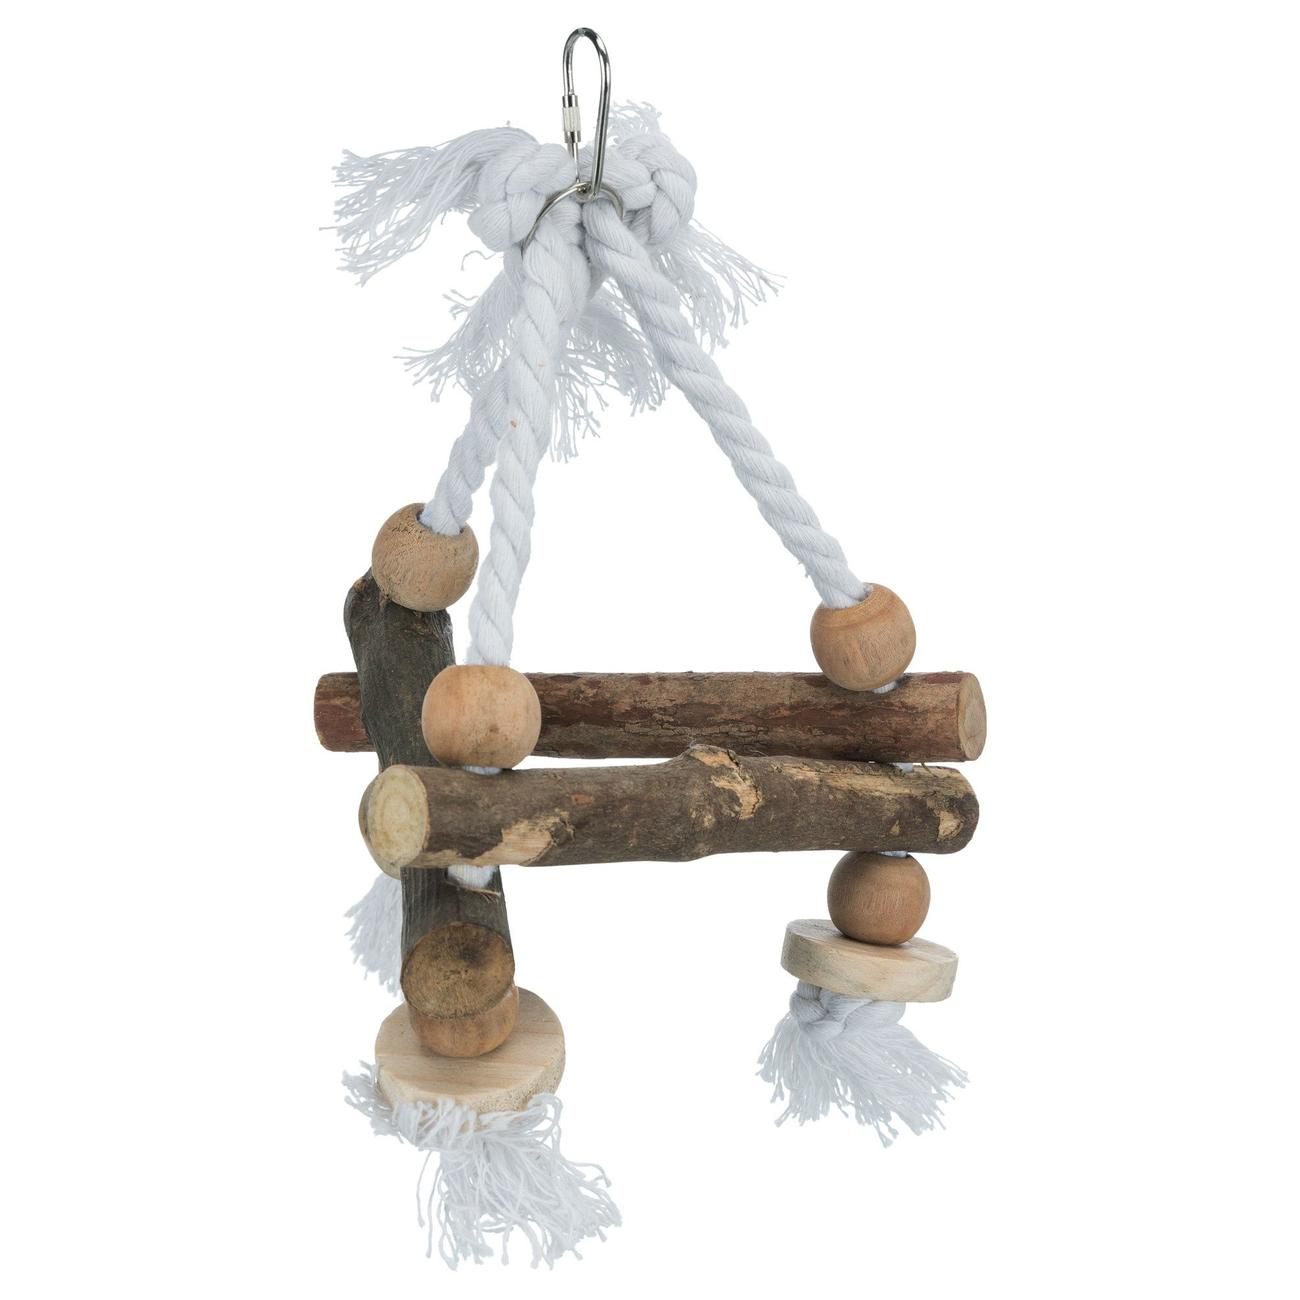 Trixie Vogelschaukel, dreieckig, Naturholz, 16×16×16 cm, Wellensittiche, Kanarien